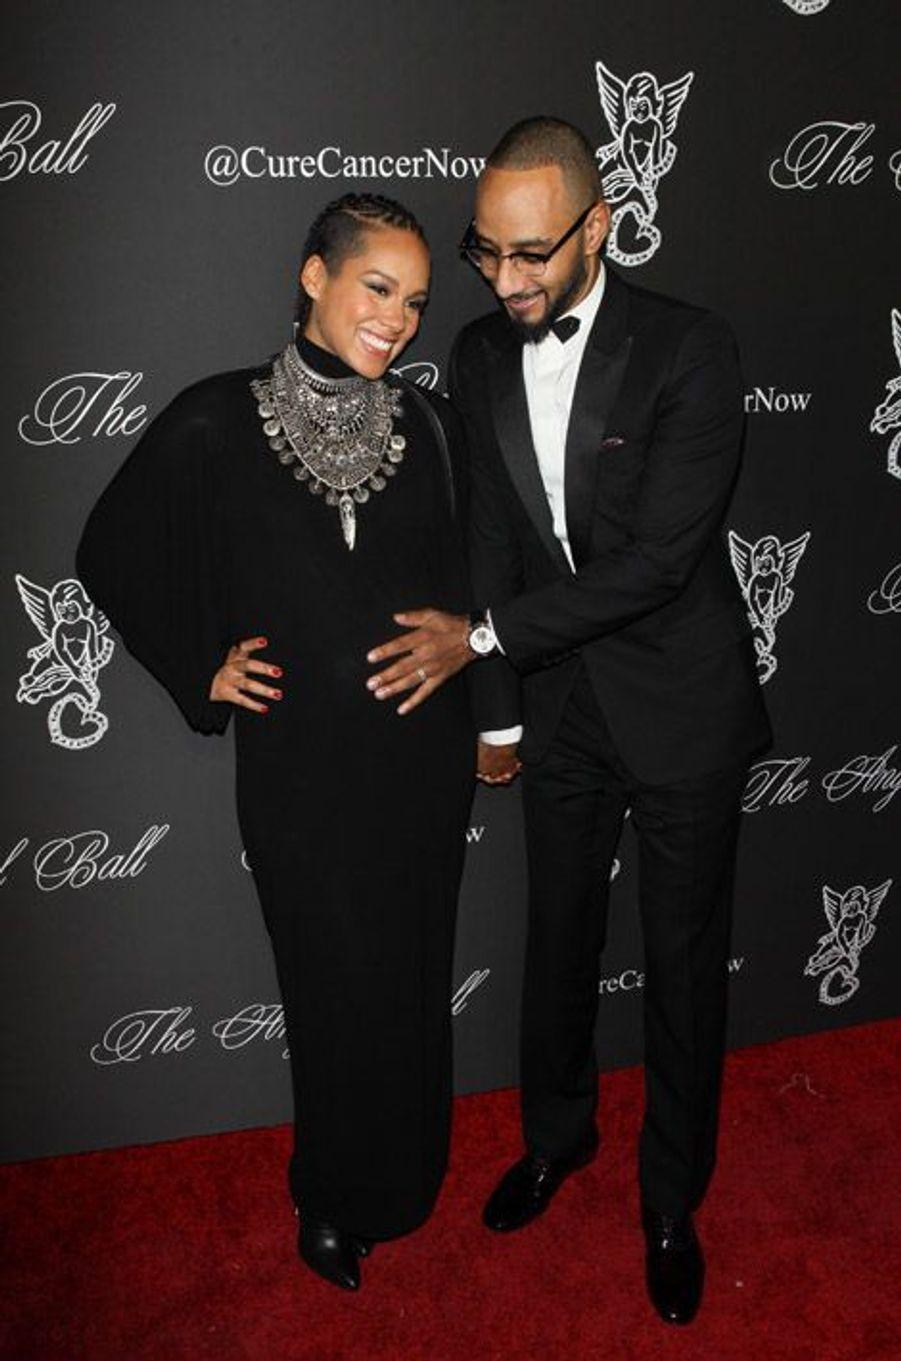 La chanteuse Alicia Keys, 33 ans, lors d'une soirée caritative à New York, le 20 octobre 2014